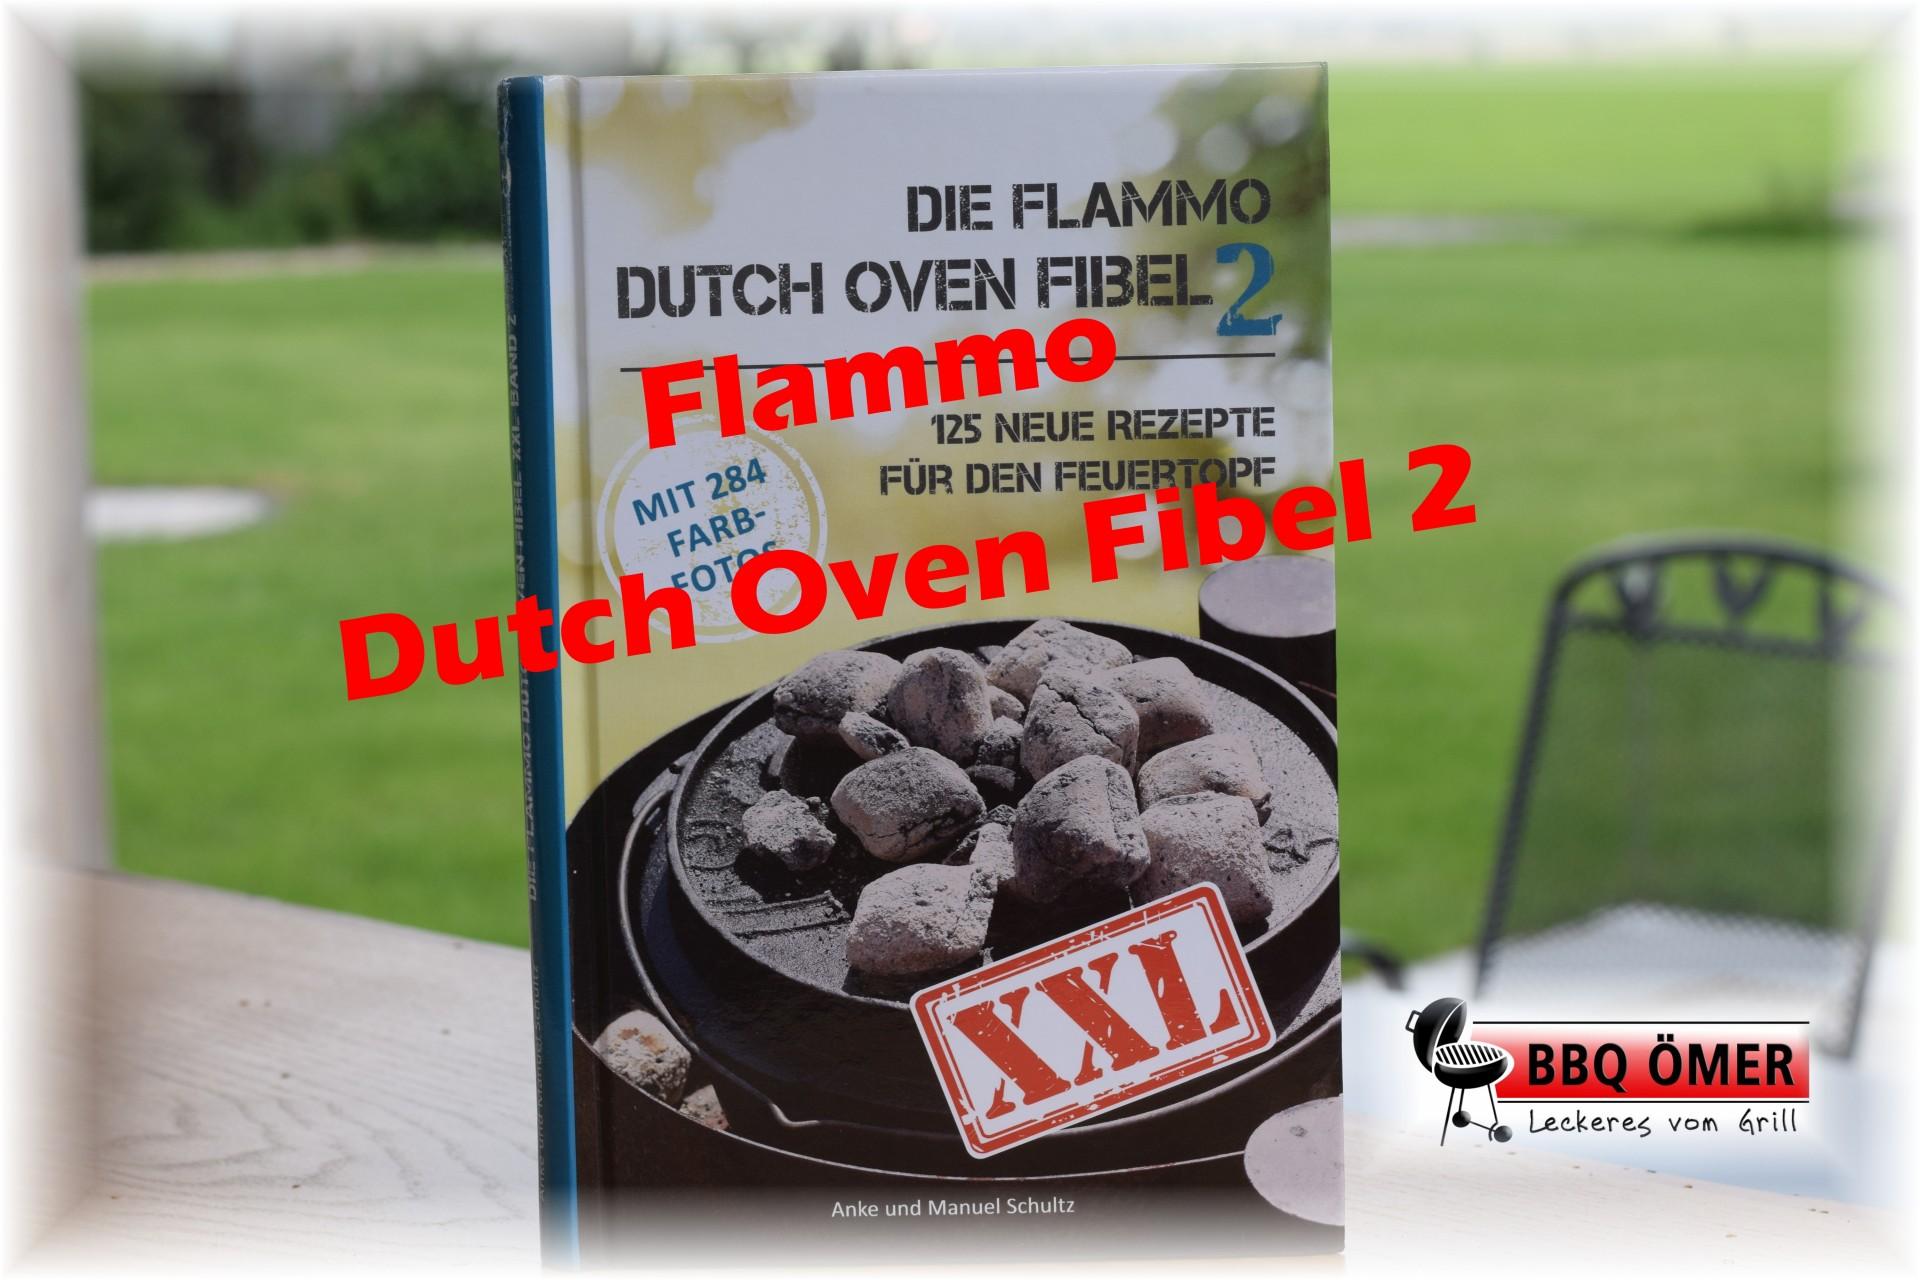 Weber Elektrogrill Löst Fi Aus : Dutch oven fibel flammo buchvorstellung bbq Ömer ist mit dabei